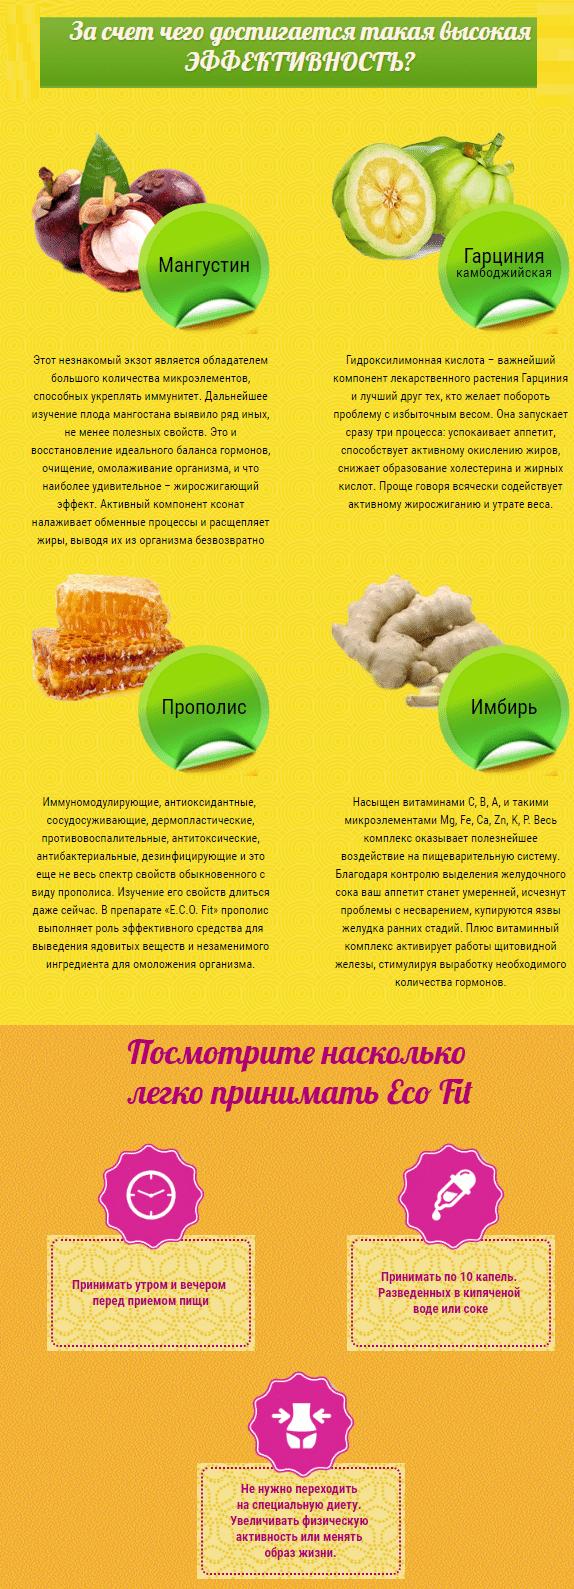 Eco Fit капли для похудения купить